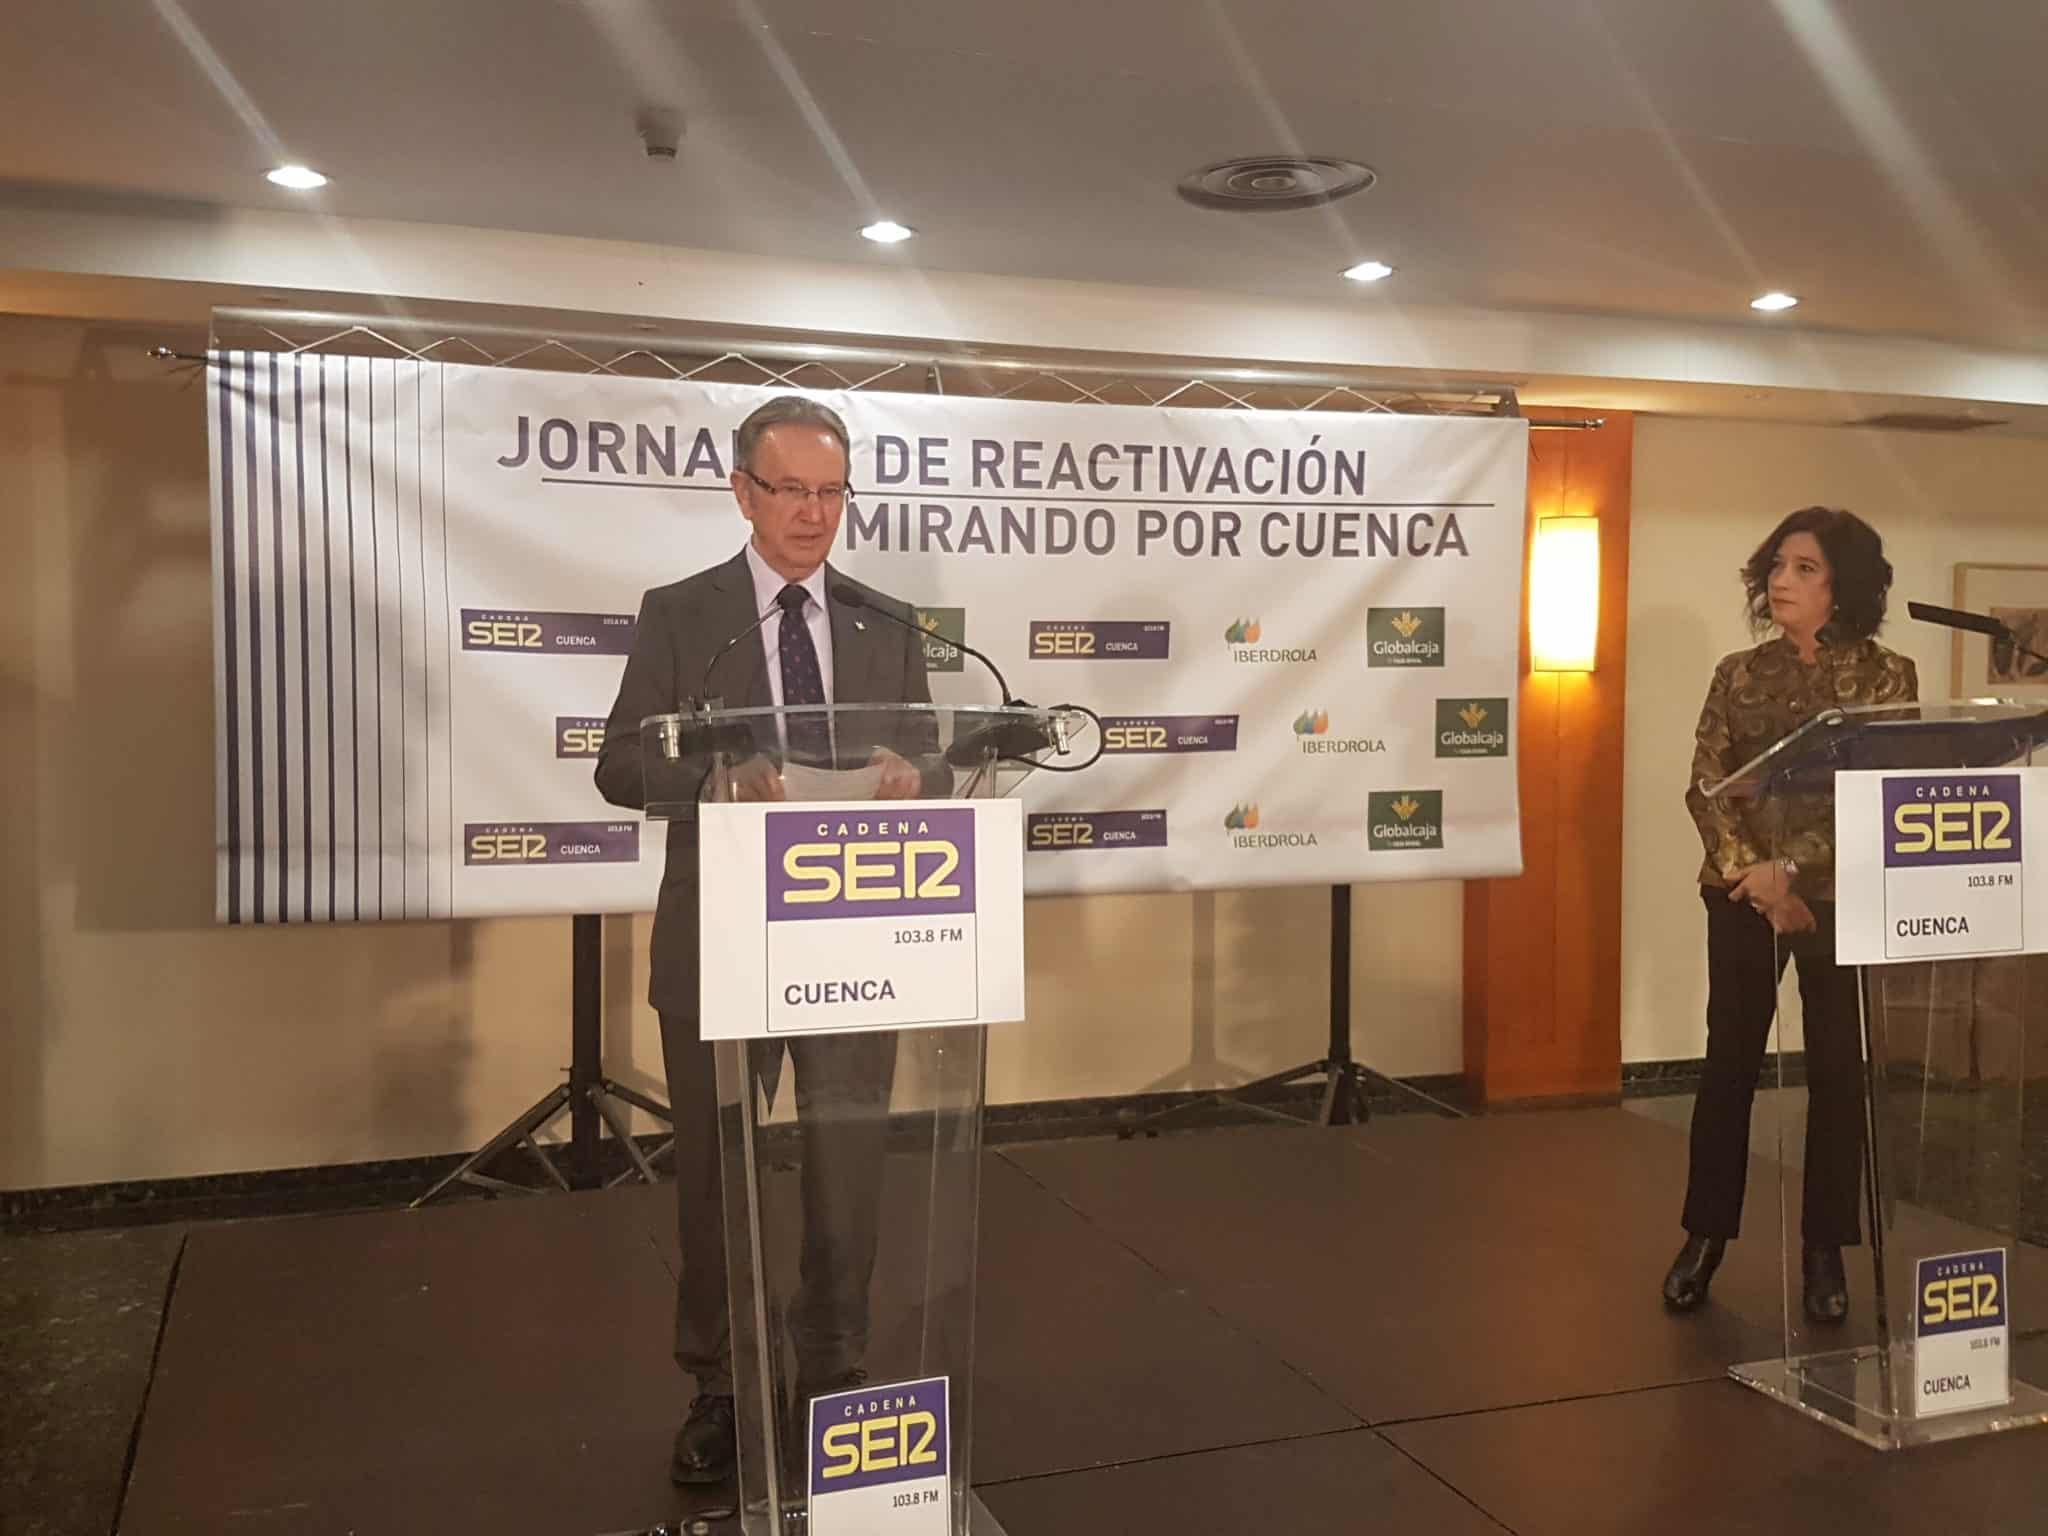 https://blog.globalcaja.es/wp-content/uploads/2018/01/20180124_095638.jpg